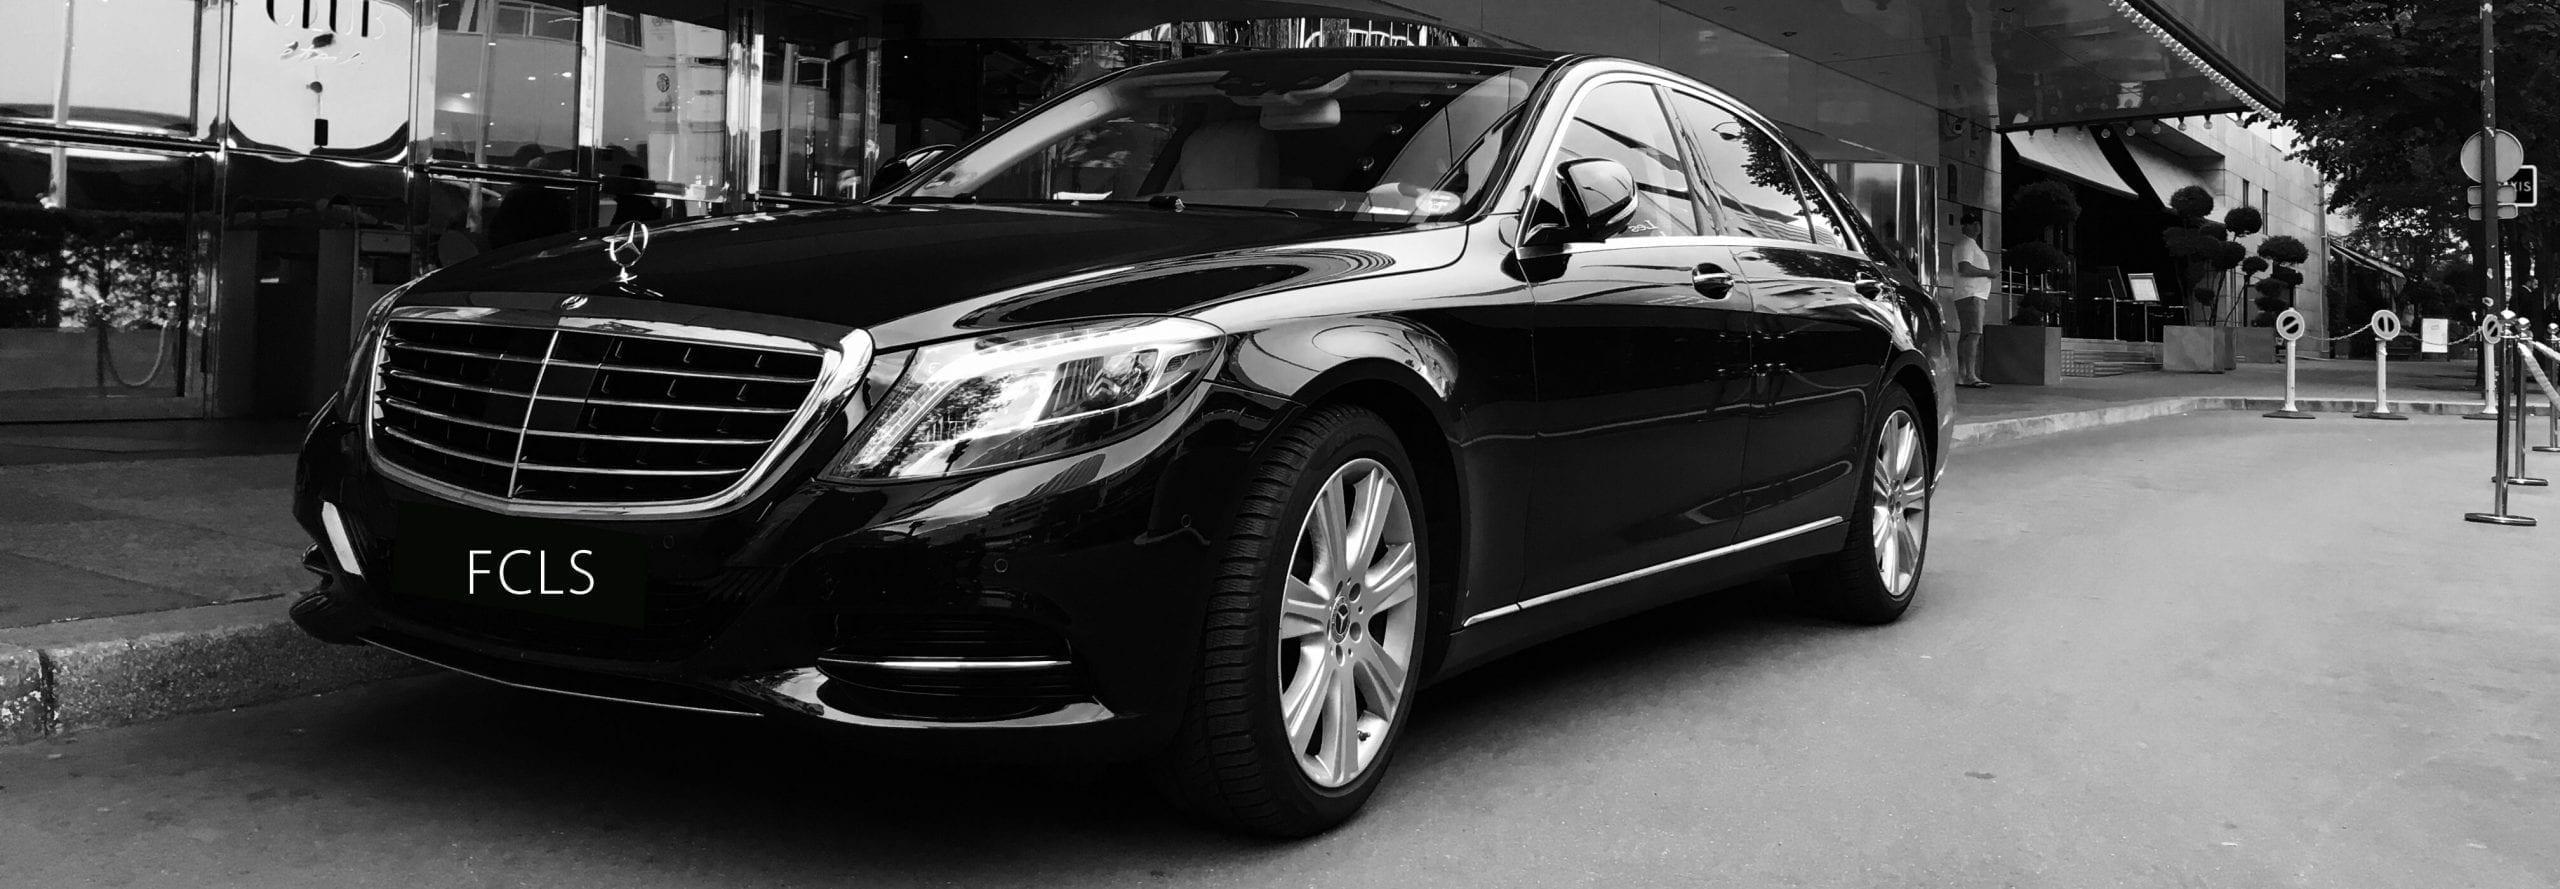 Mercedes-Benz_Classe_S-350-Limousine_Meridien_N&B_4032x1400px